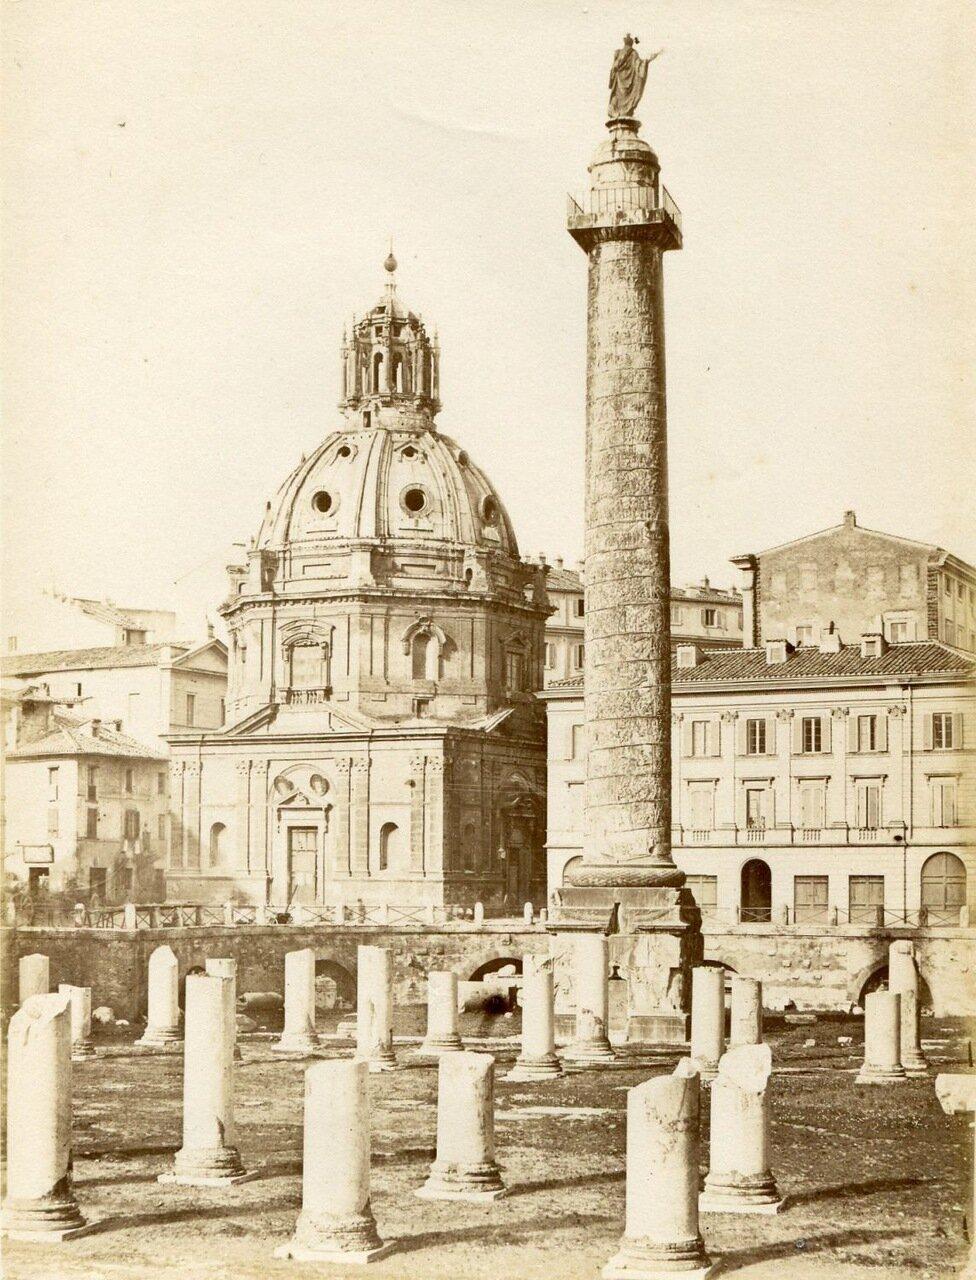 Форум Траяна. 1870